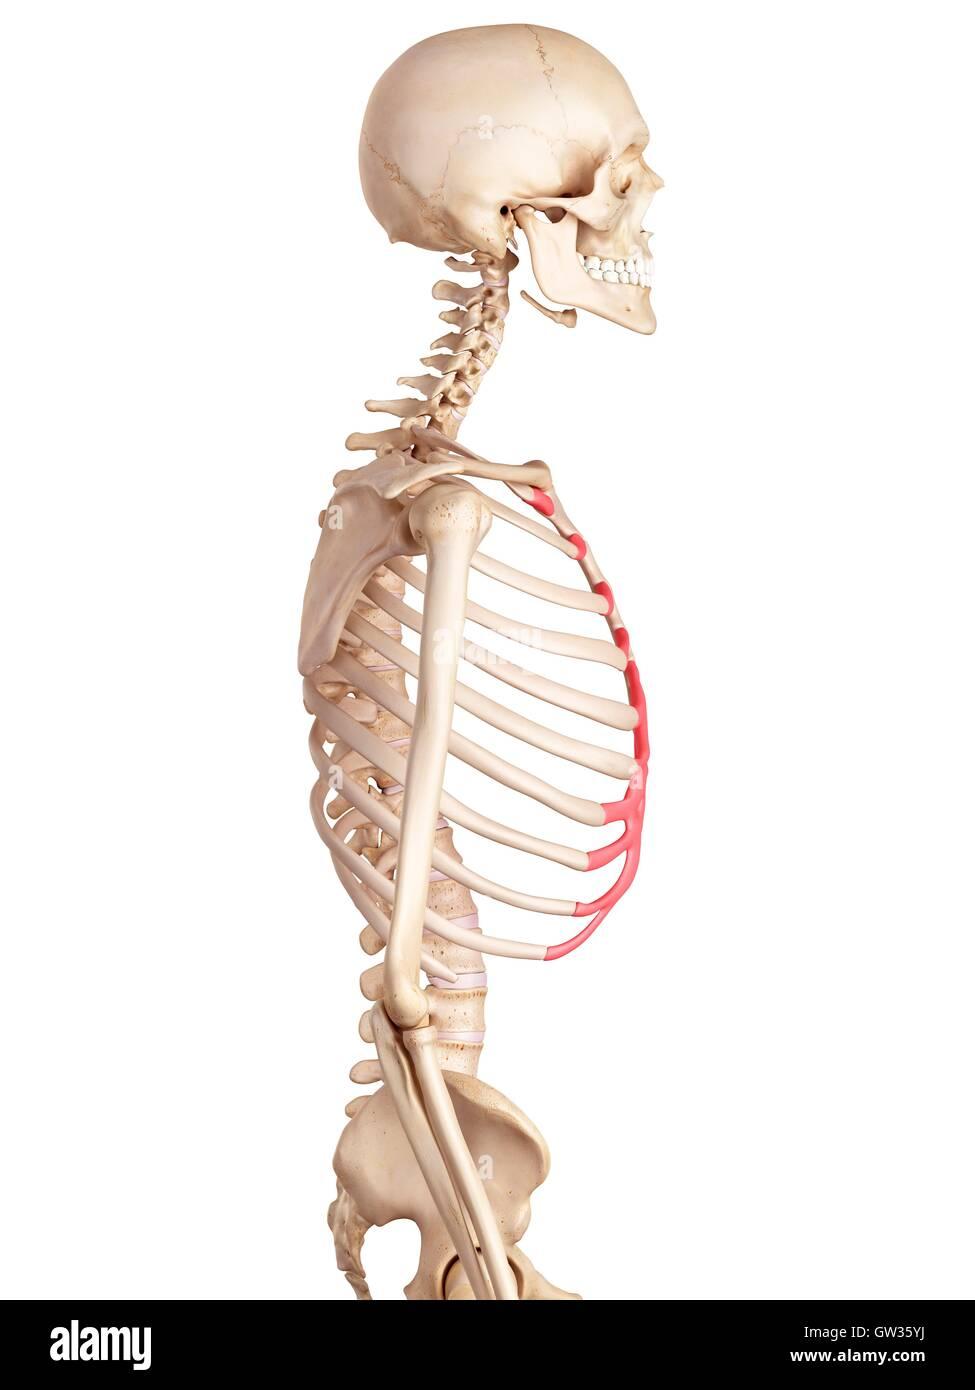 Wunderbar Menschliche Rippe Anatomie Bilder - Menschliche Anatomie ...